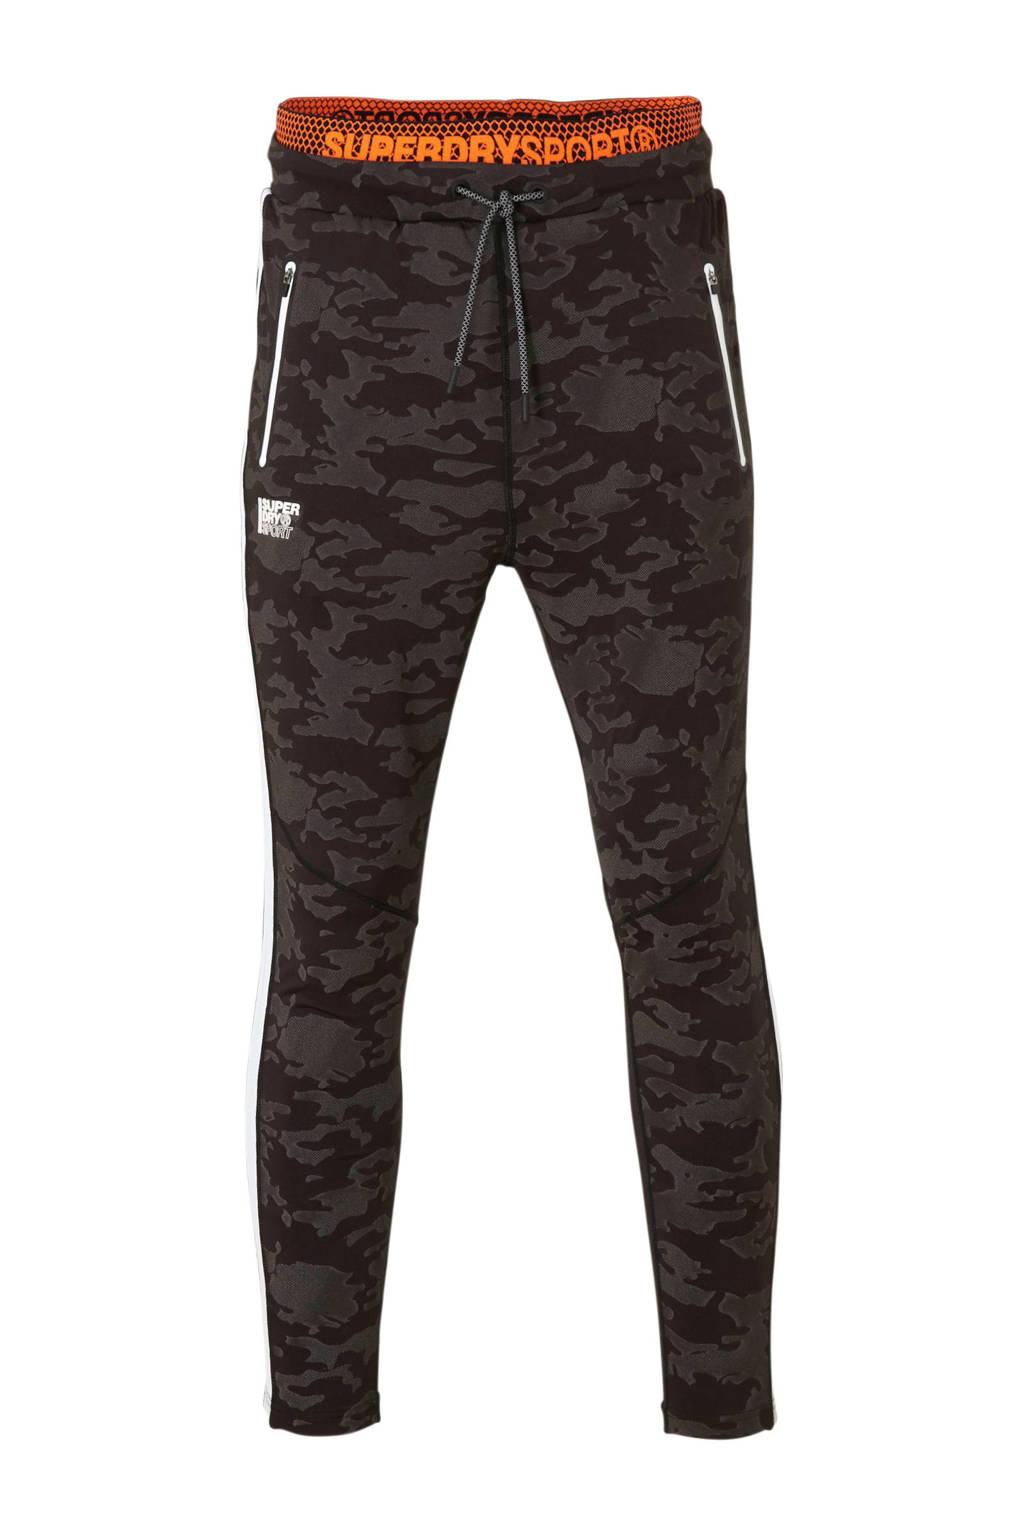 Superdry Sport   sportbroek met camouflageprint antraciet, Antraciet/zwart